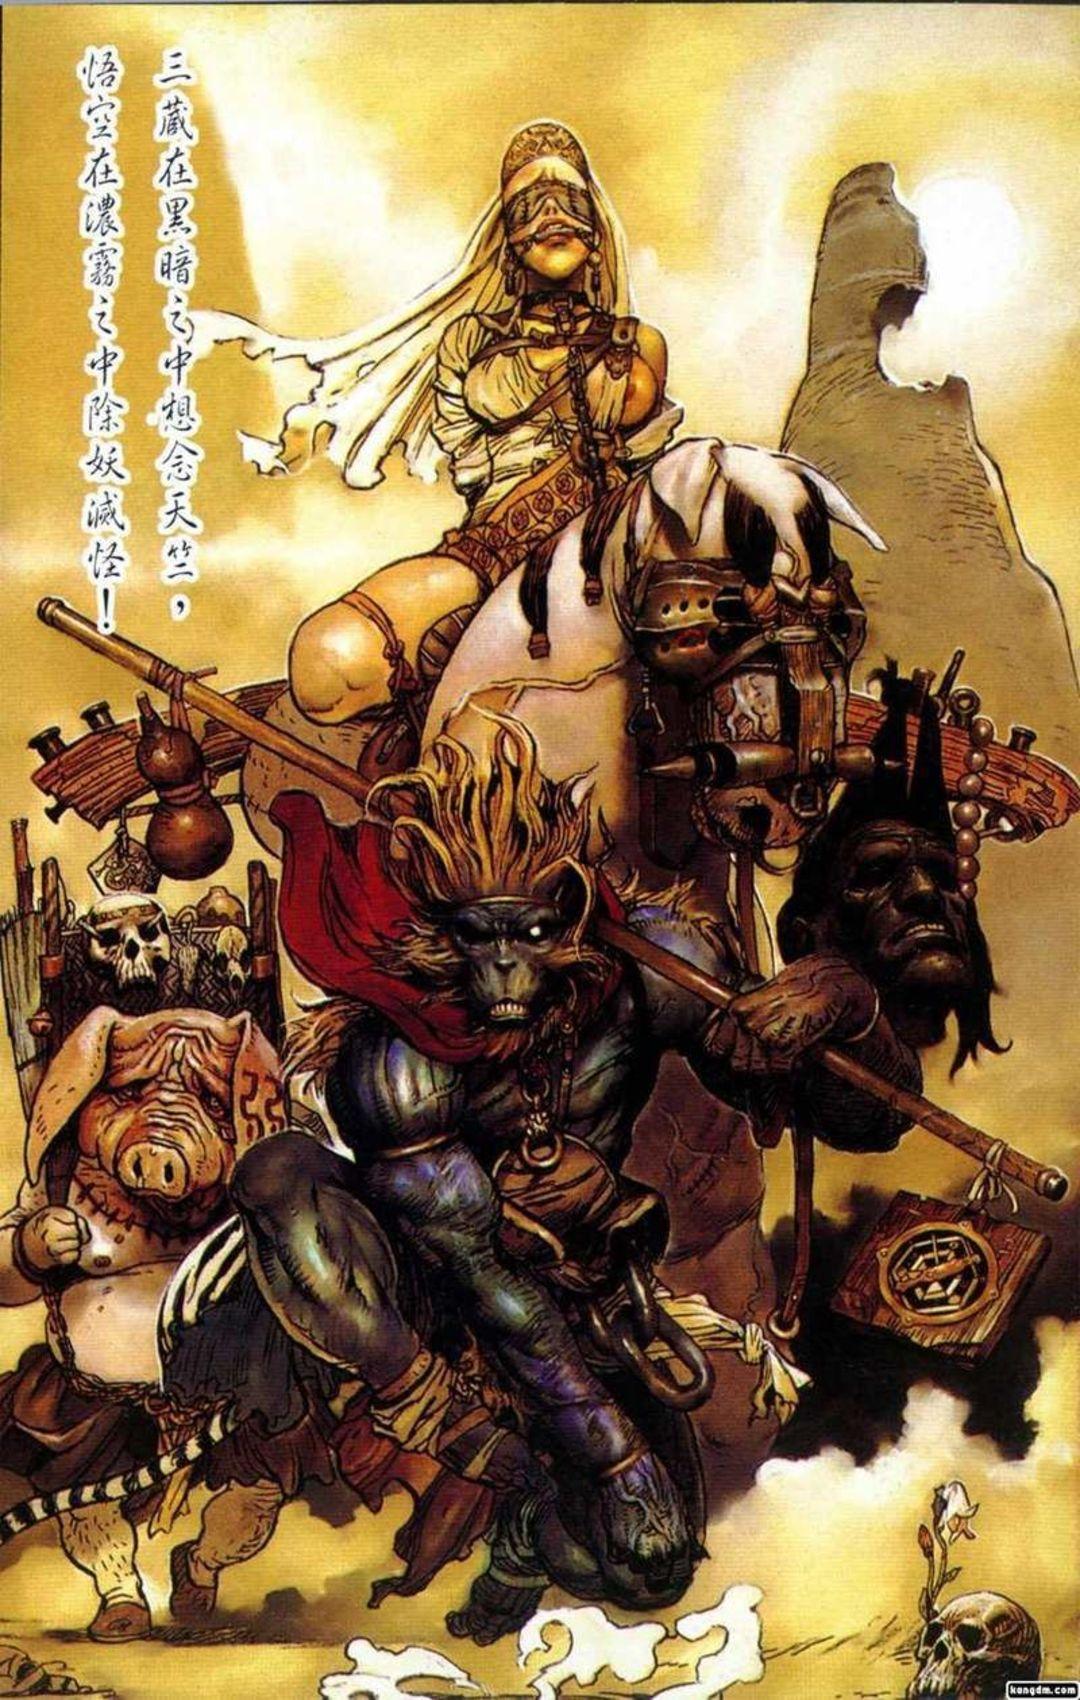 日本漫画家寺田克也从根基上改造,他创作的全彩《大猿王》漫画,孙悟空